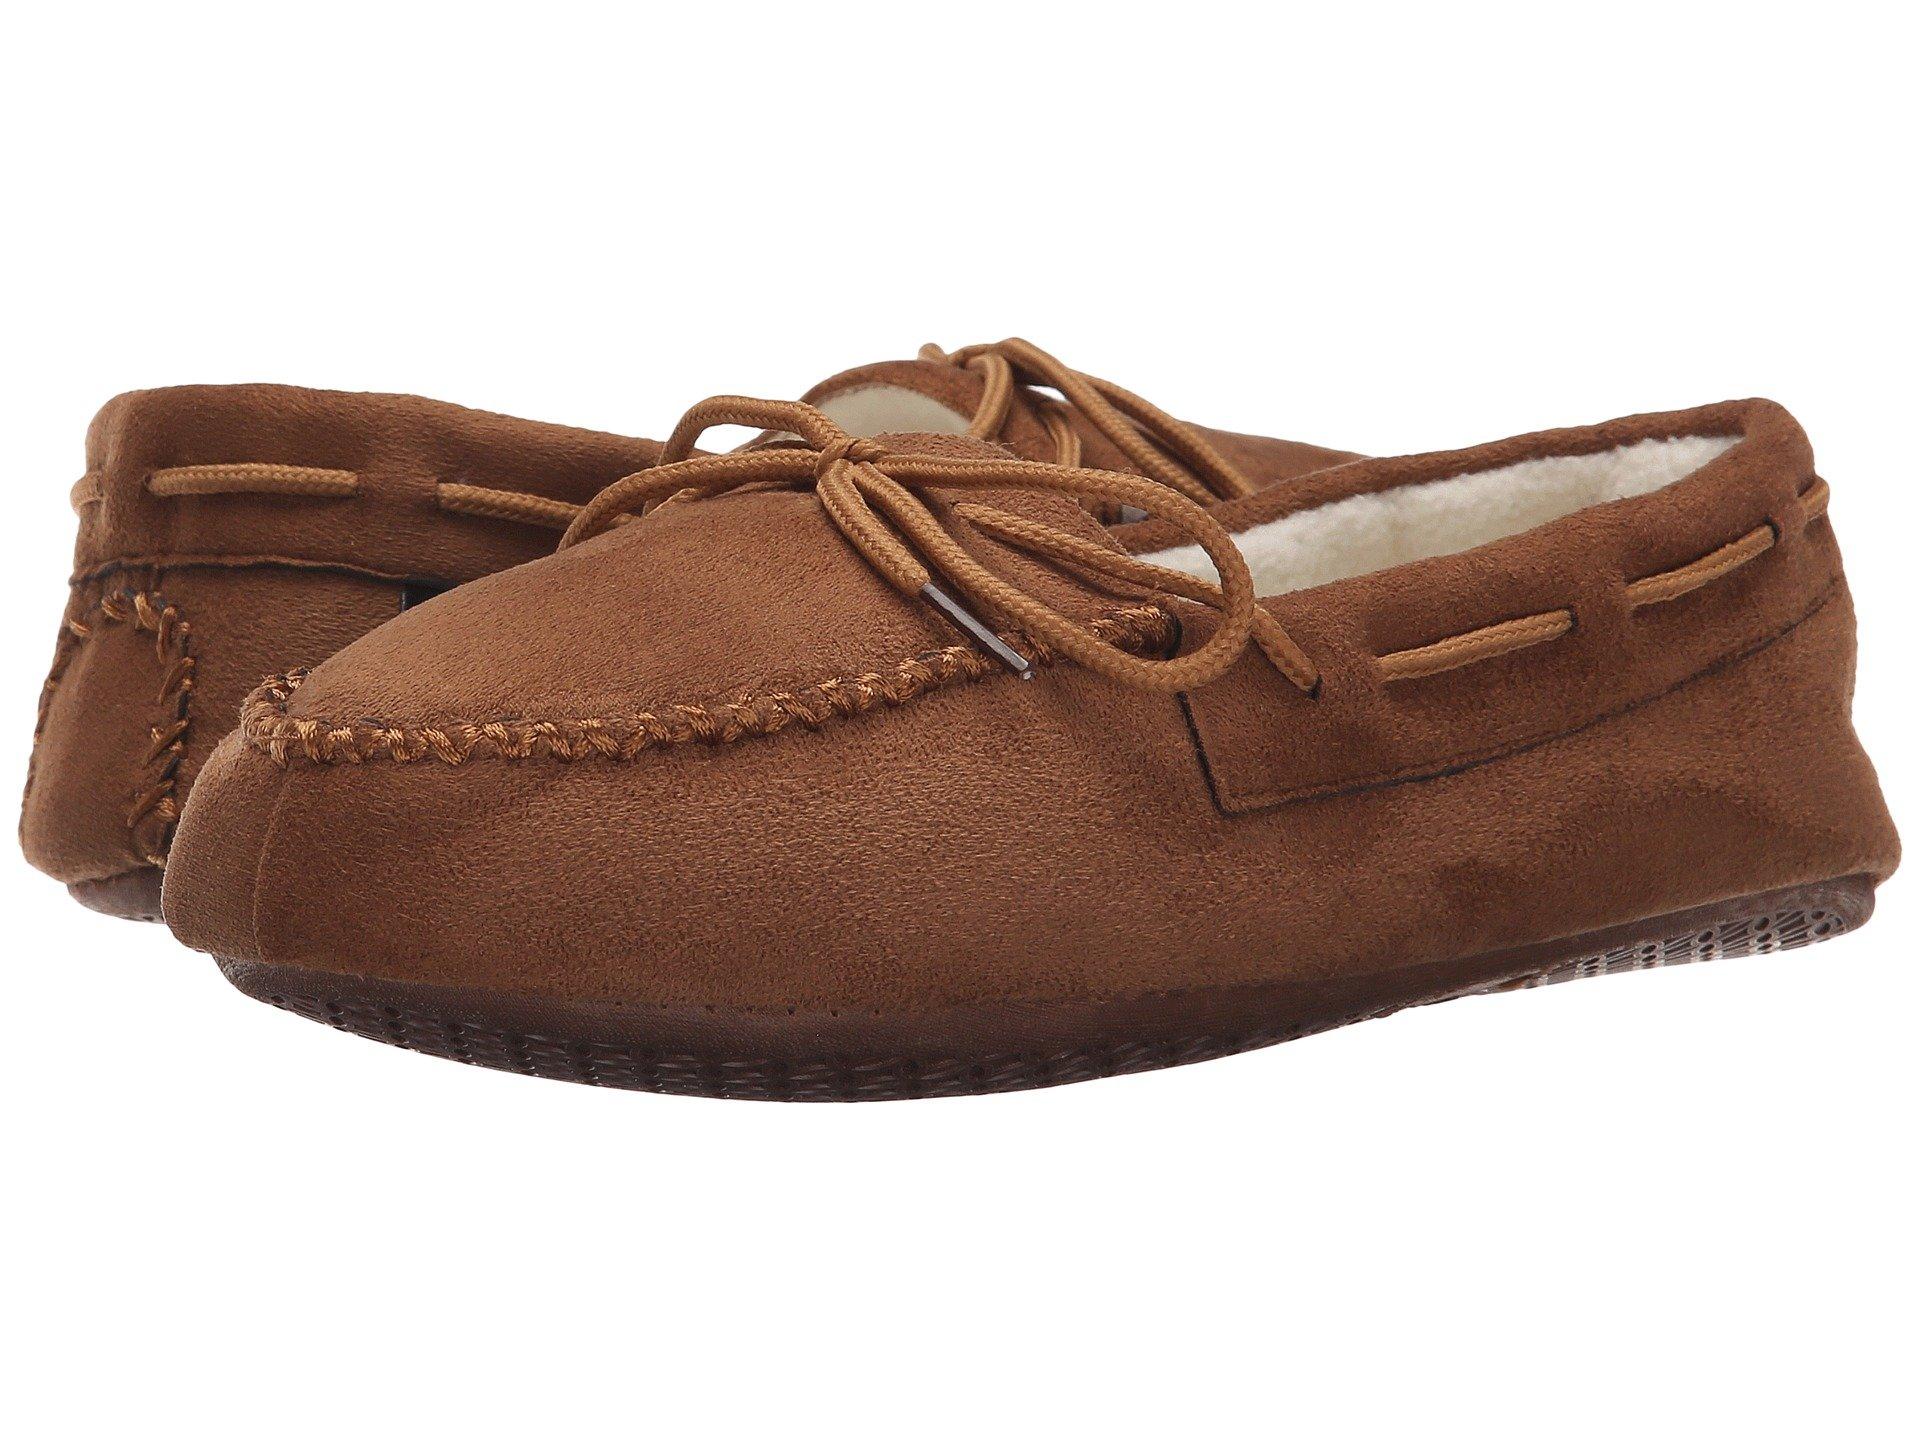 Zapato de Descanso para Mujer Woolrich Lakeside  + Woolrich en VeoyCompro.net